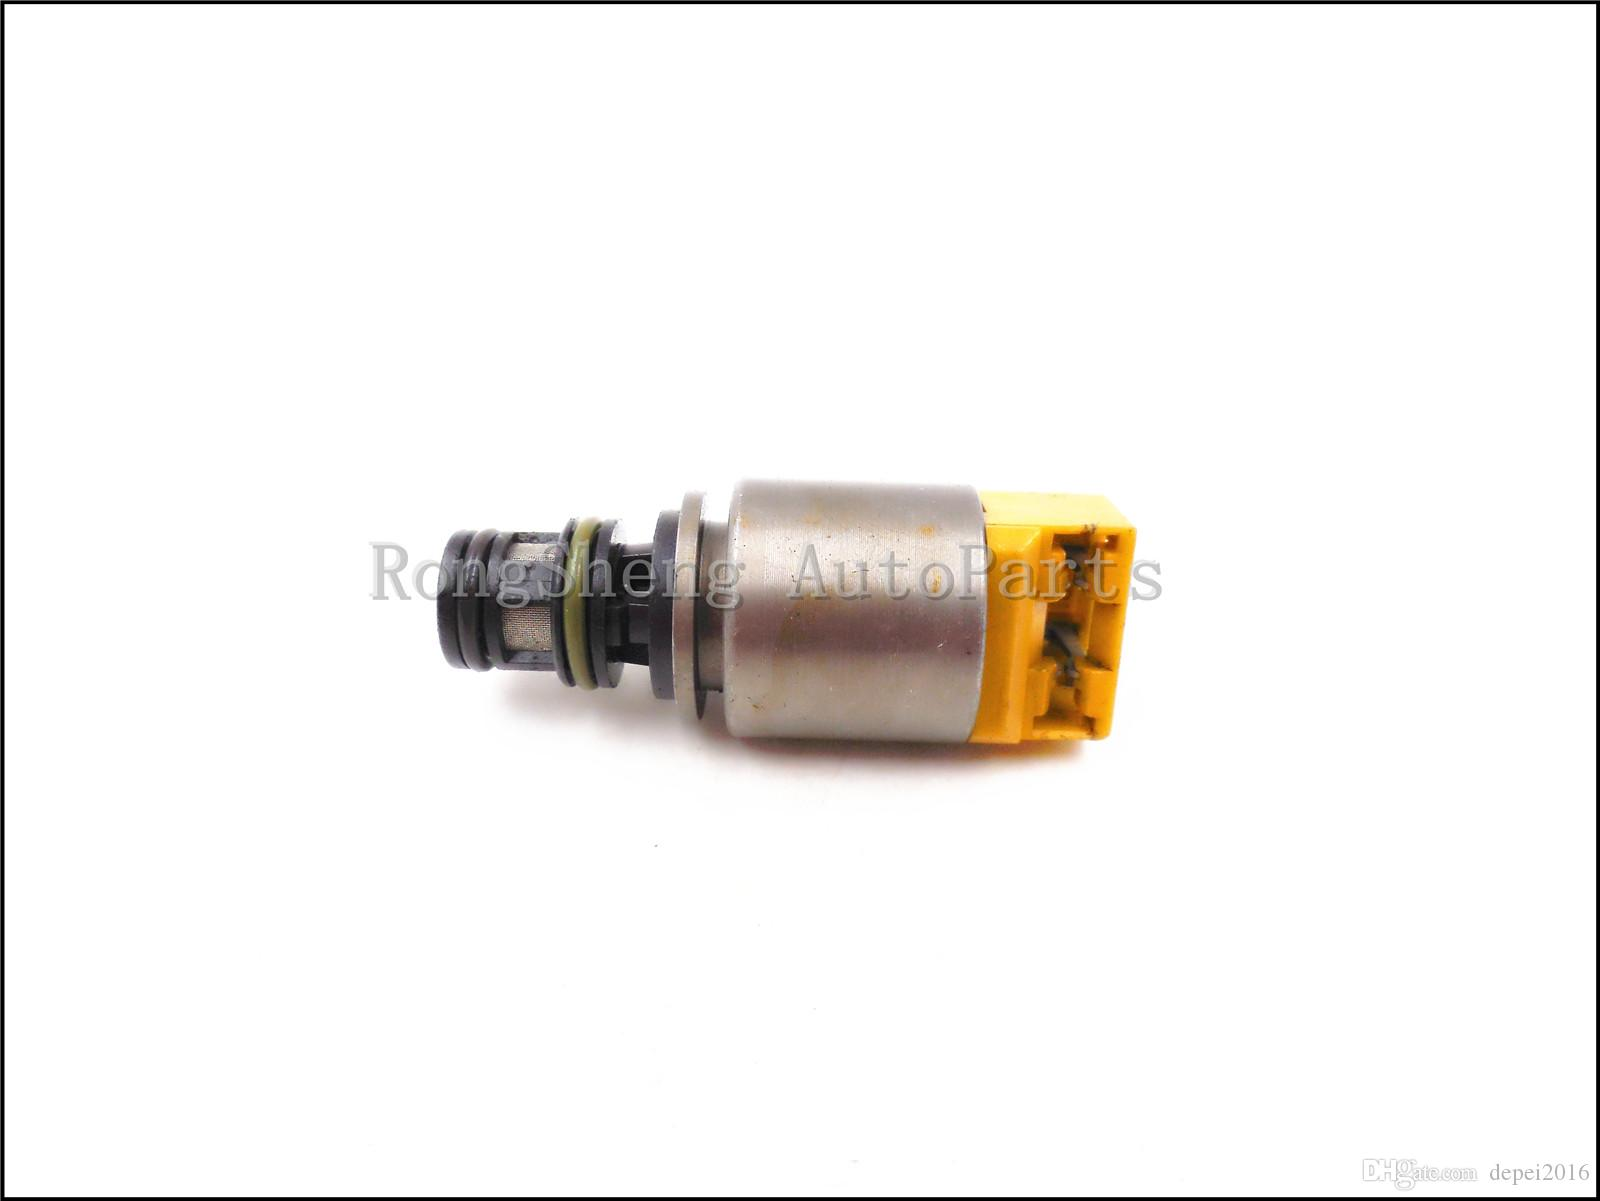 Audi A6 4F 솔레노이드 밸브 용 0501213960 압력 자동 기어 박스 12V